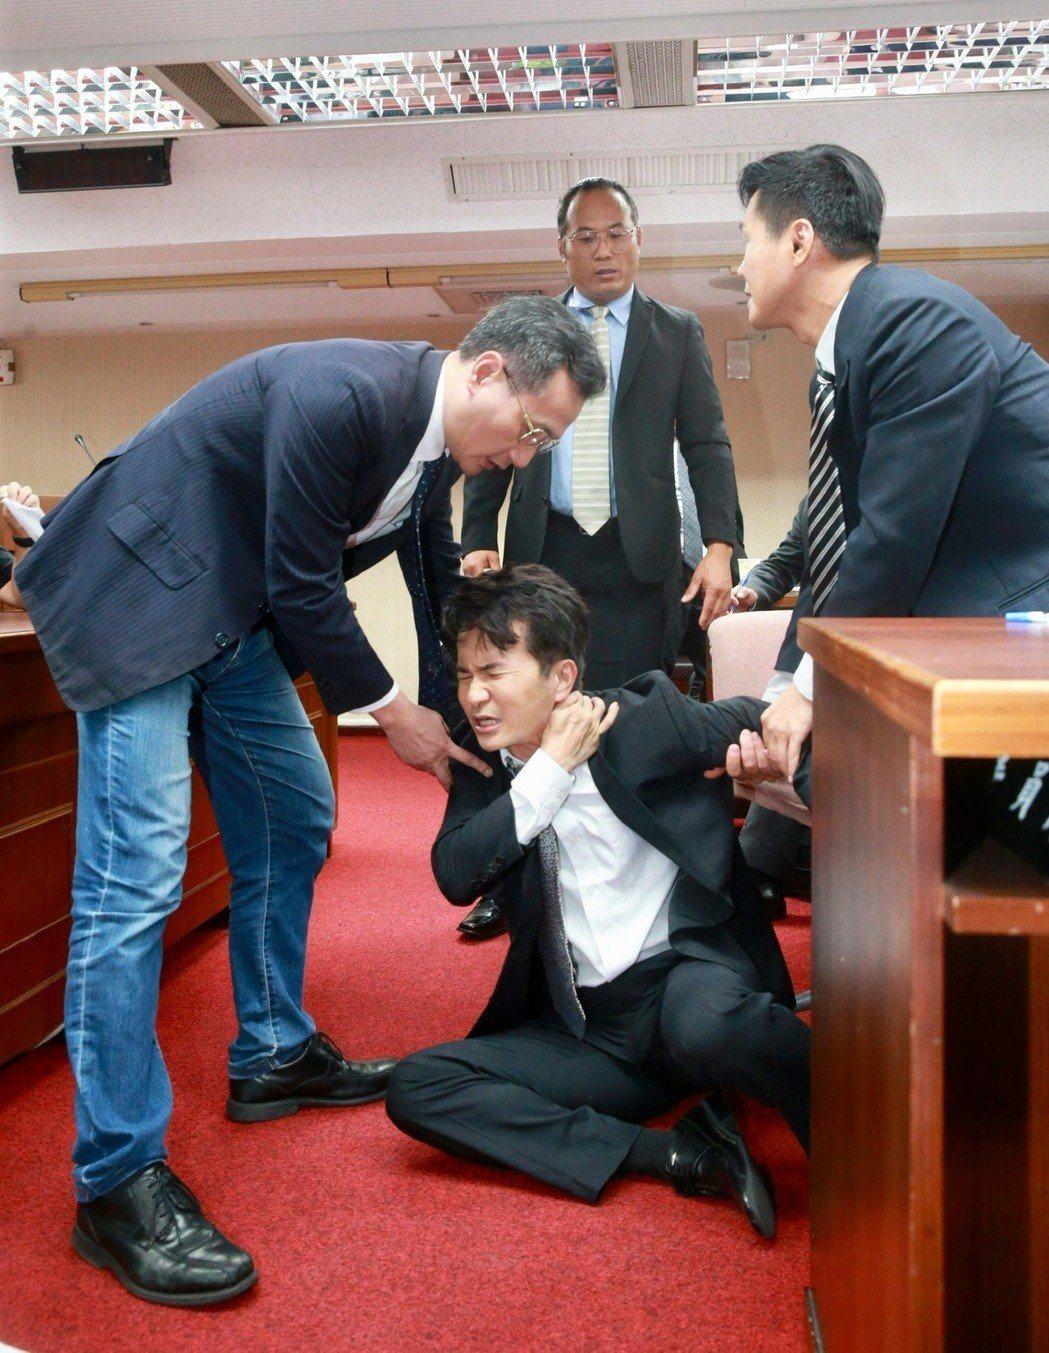 唐從聖劇中被爆打。記者黃義書/攝影